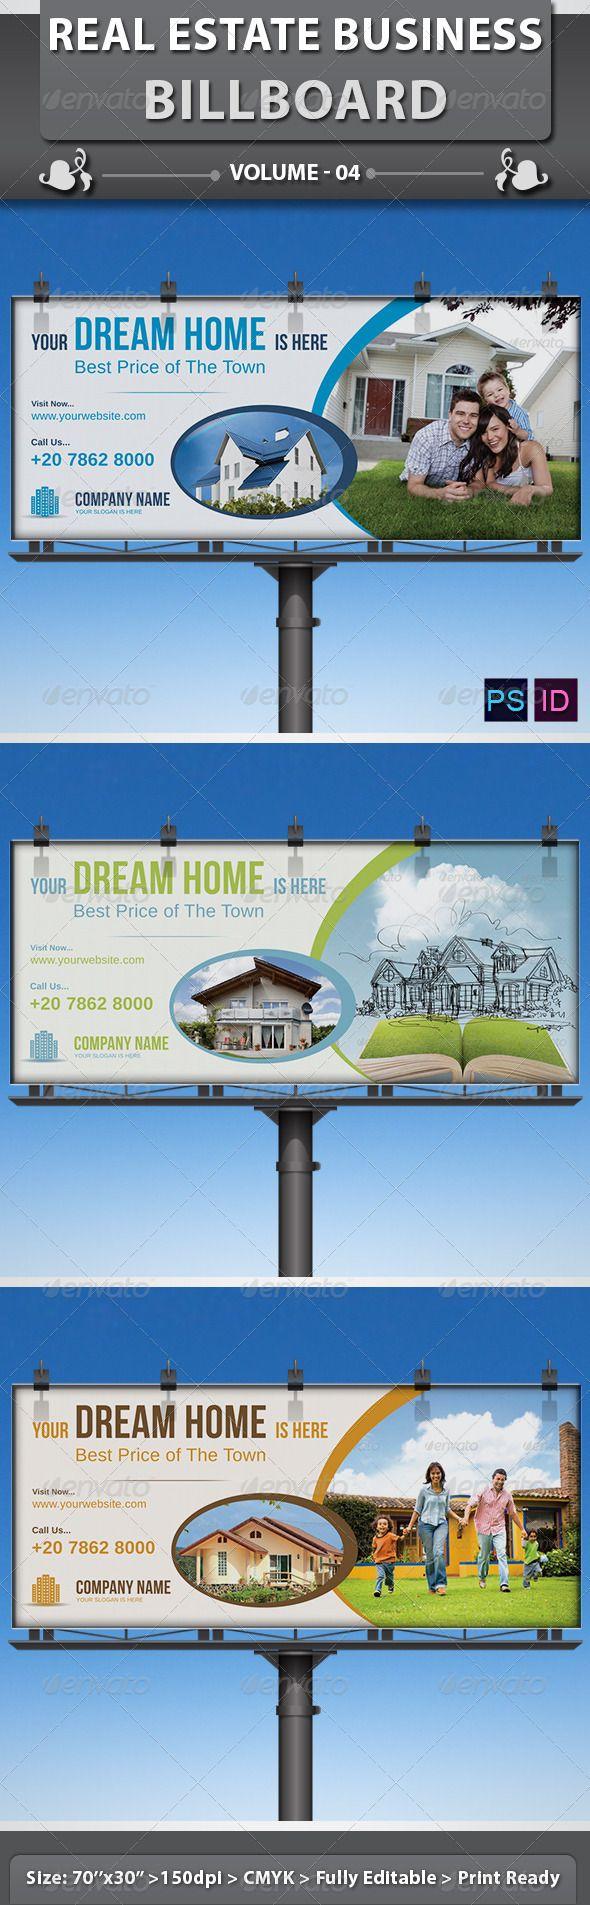 Real estate billboard design samples - Real Estate Business Billboard Volume 4